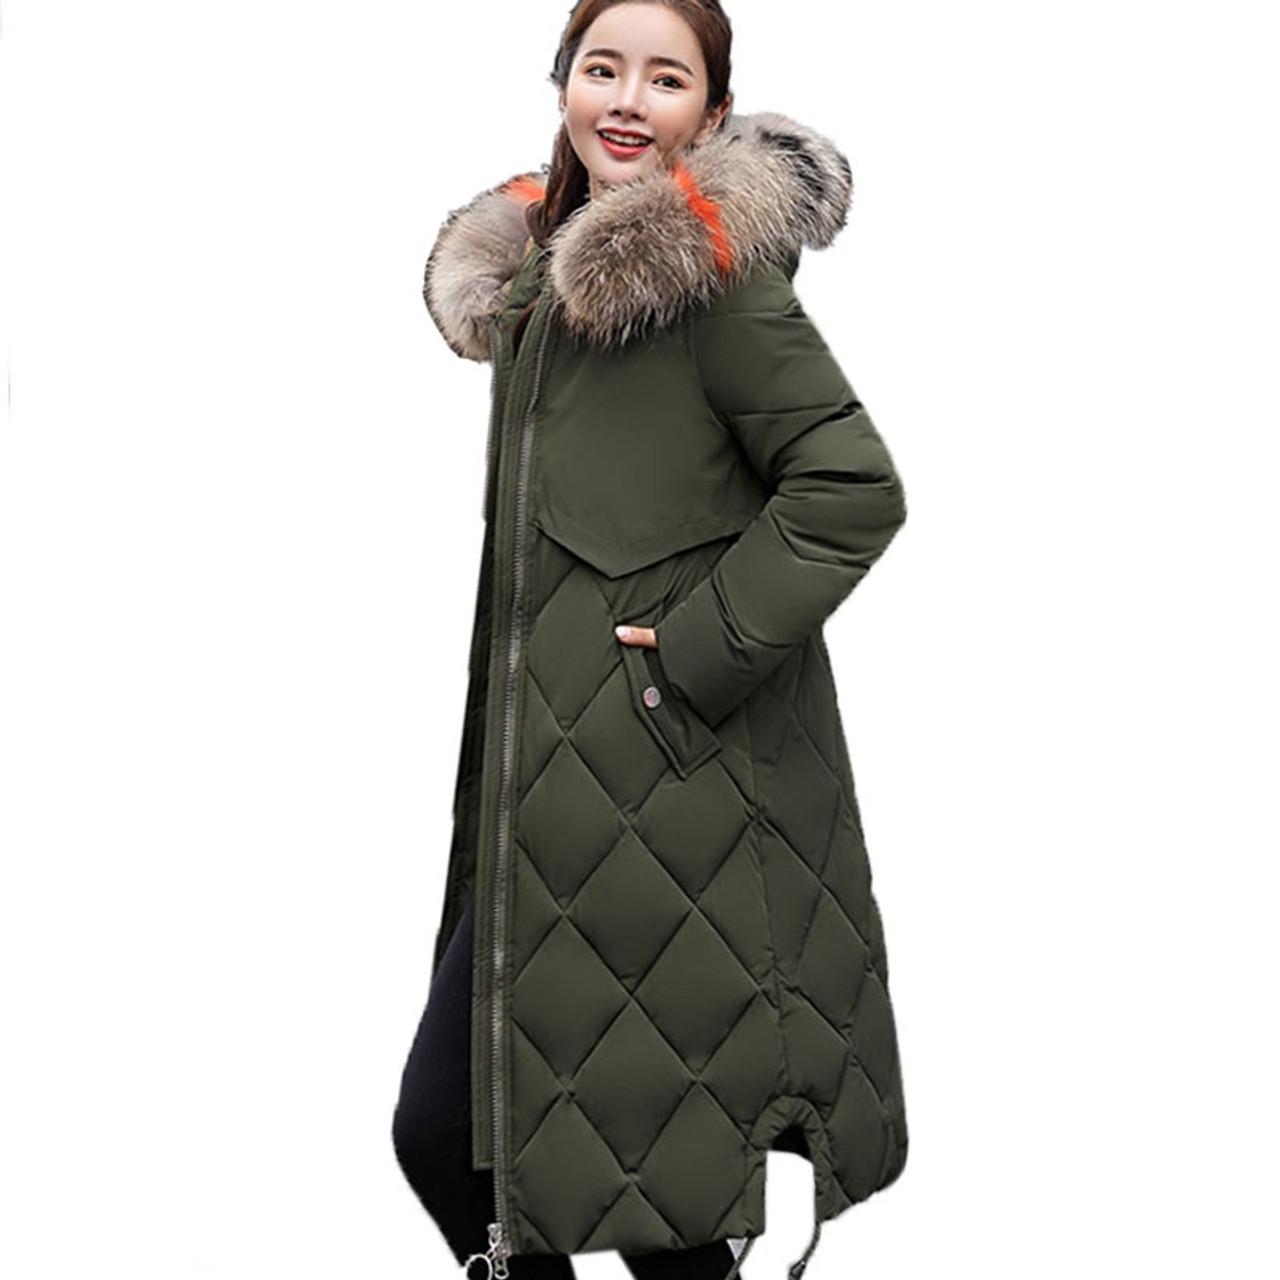 Turnschuhe für billige neue Season Suche nach Beamten Plus Size Winter Women Jacket Coat Big Fur Hooded Warm Winter Parka Jackets  Long Thicken Down Cotton Jacket Women parkas mujer